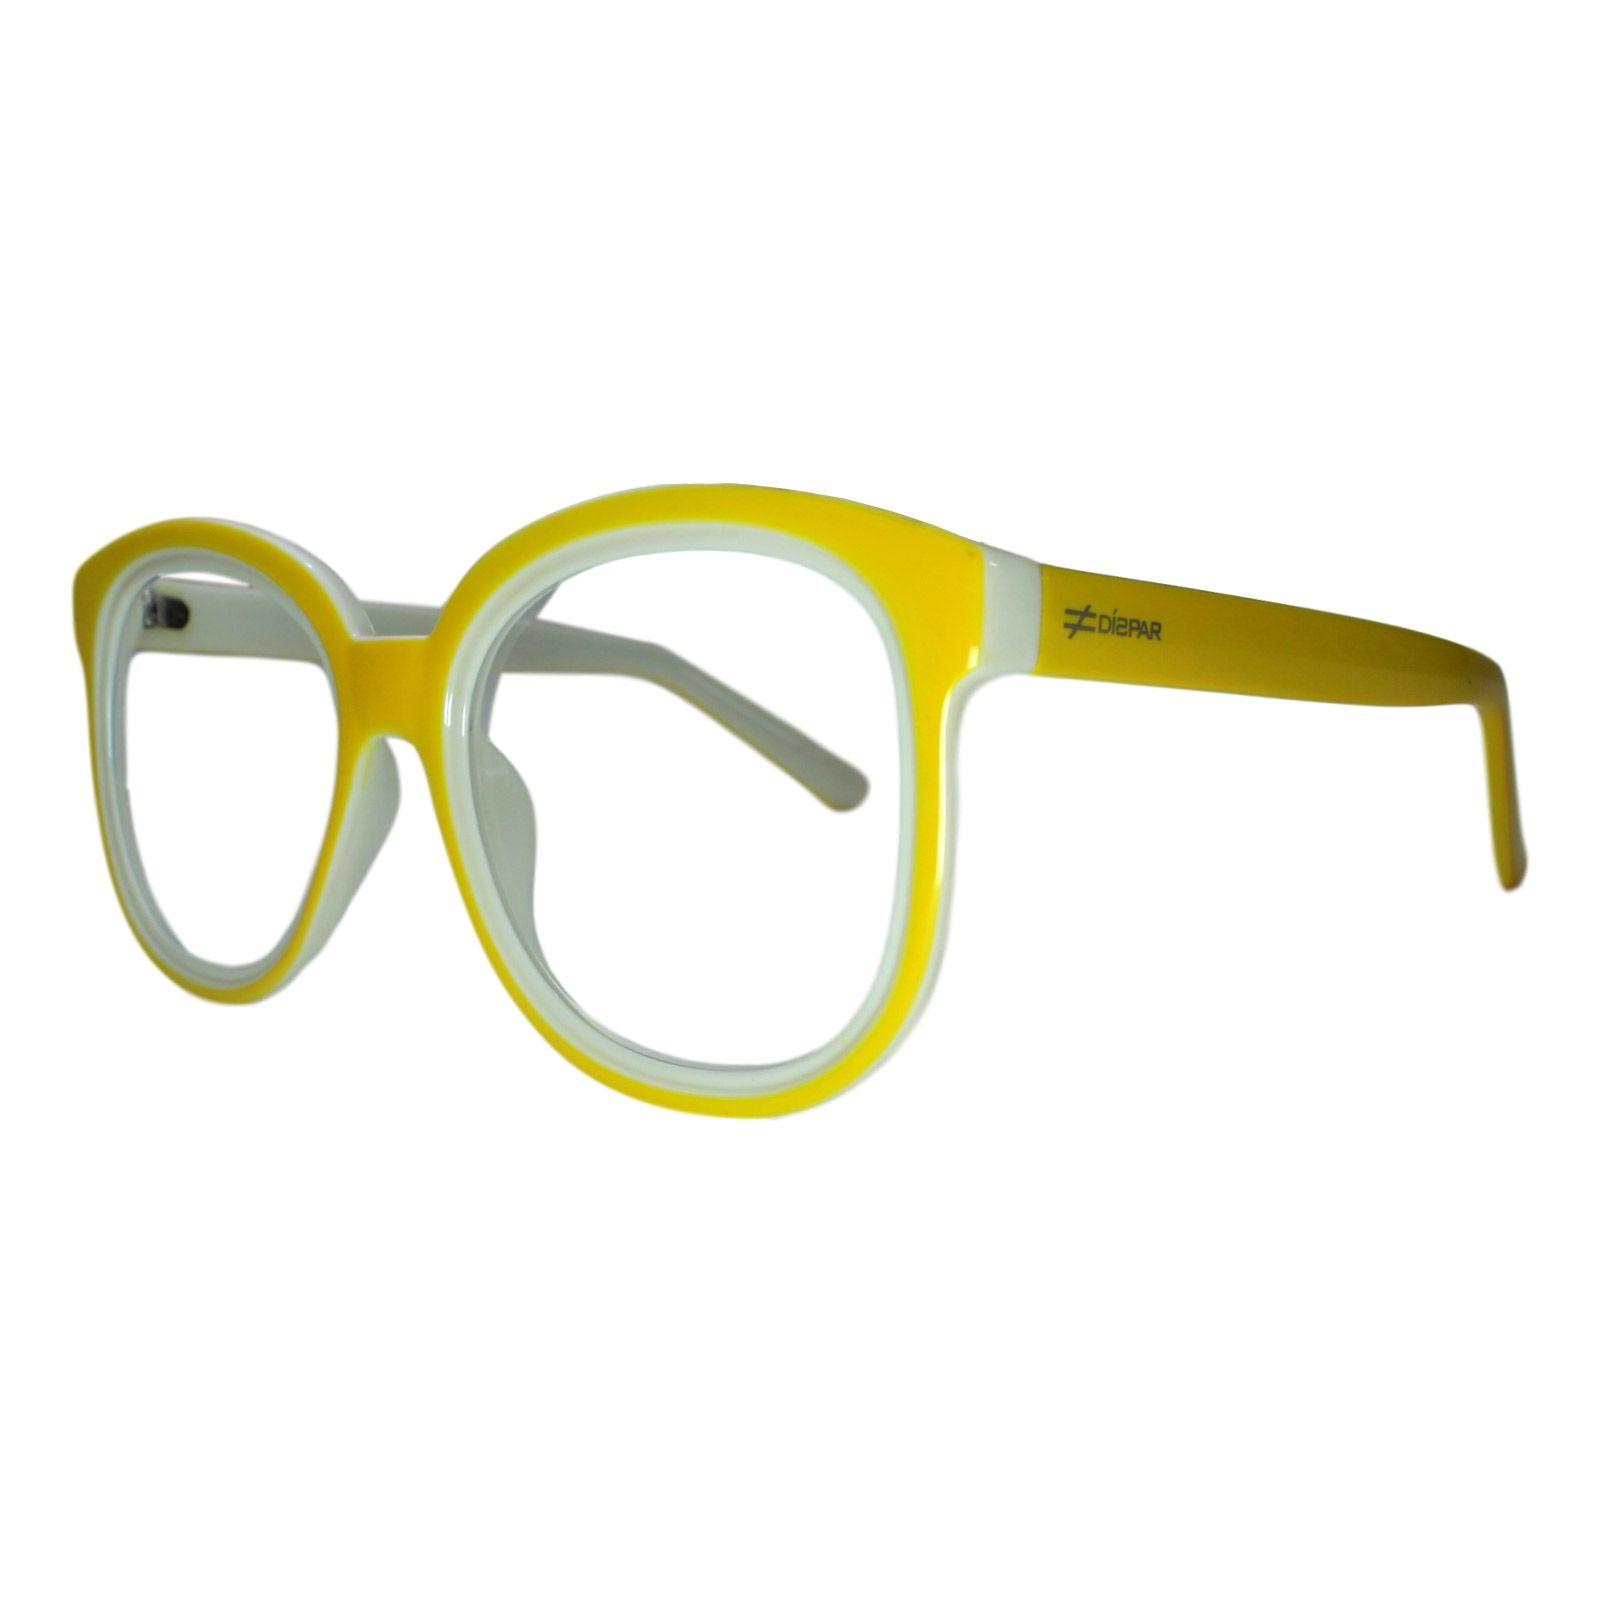 eaeab717dc452 Armação para Óculos Díspar D1639 Amarelo